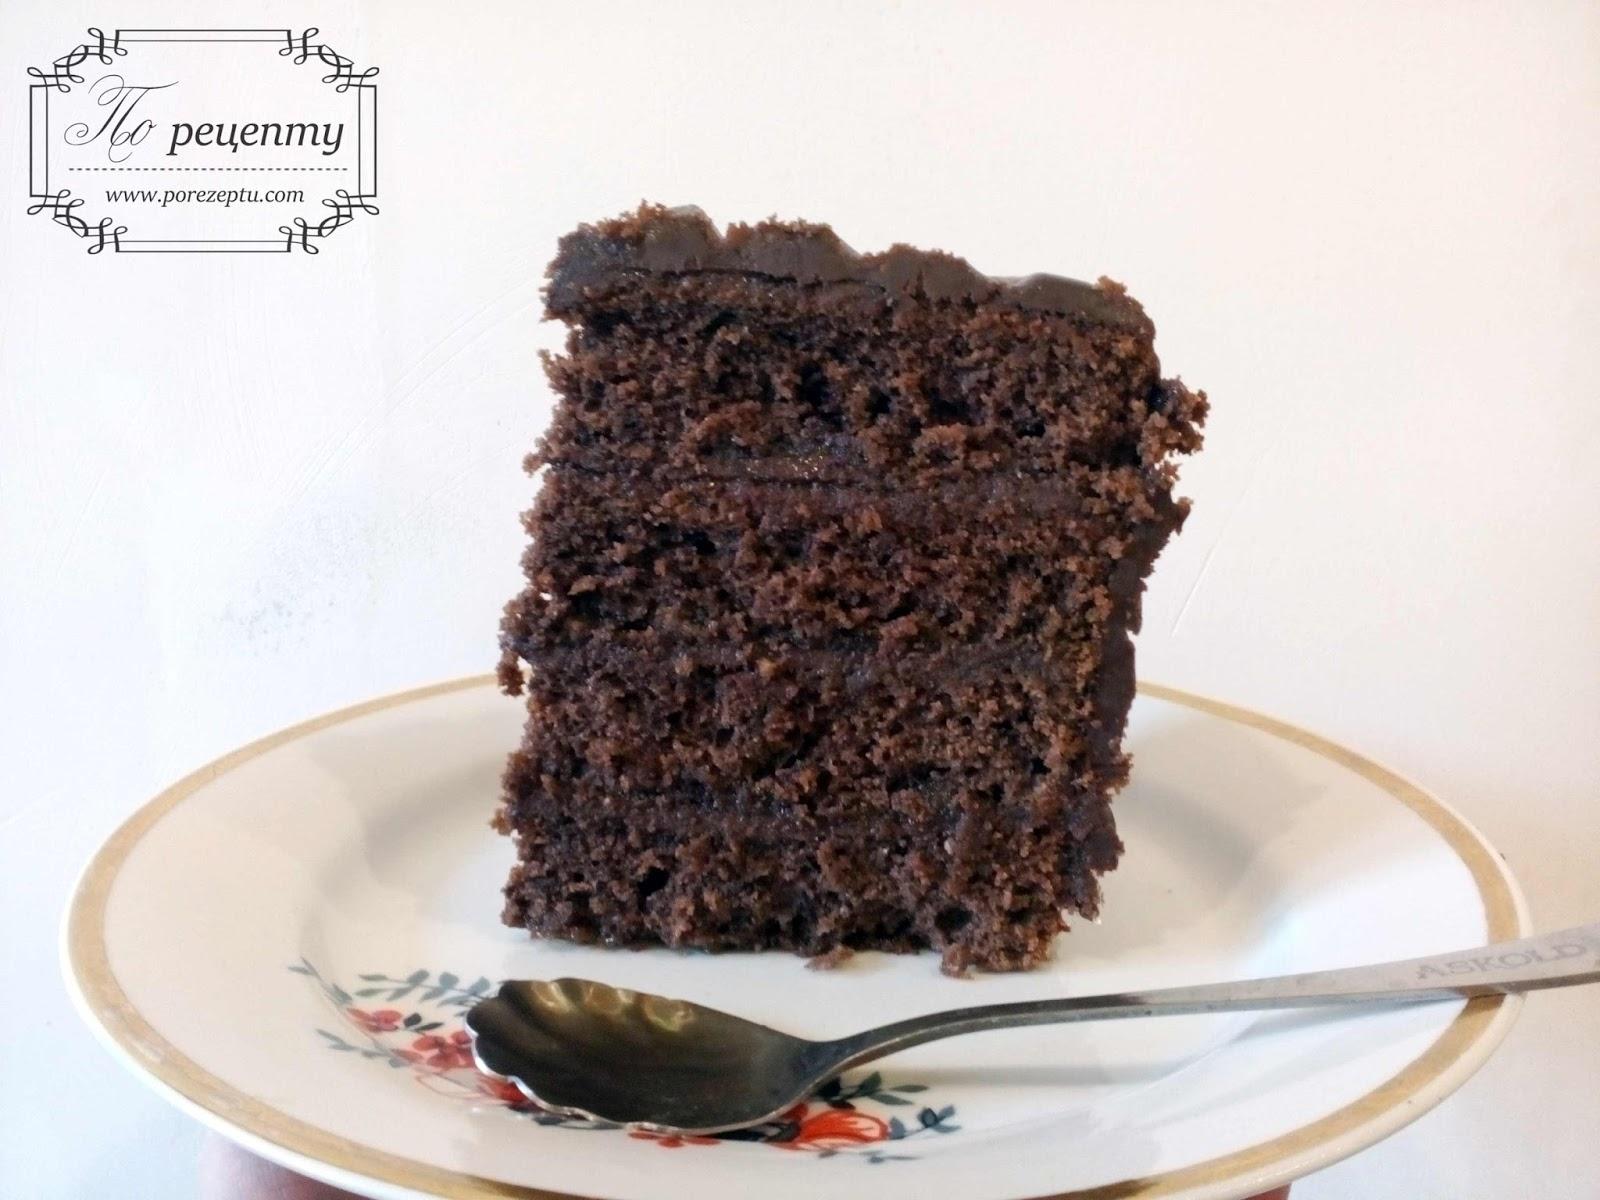 Кофейный торт рецепт пошагово в домашних условиях